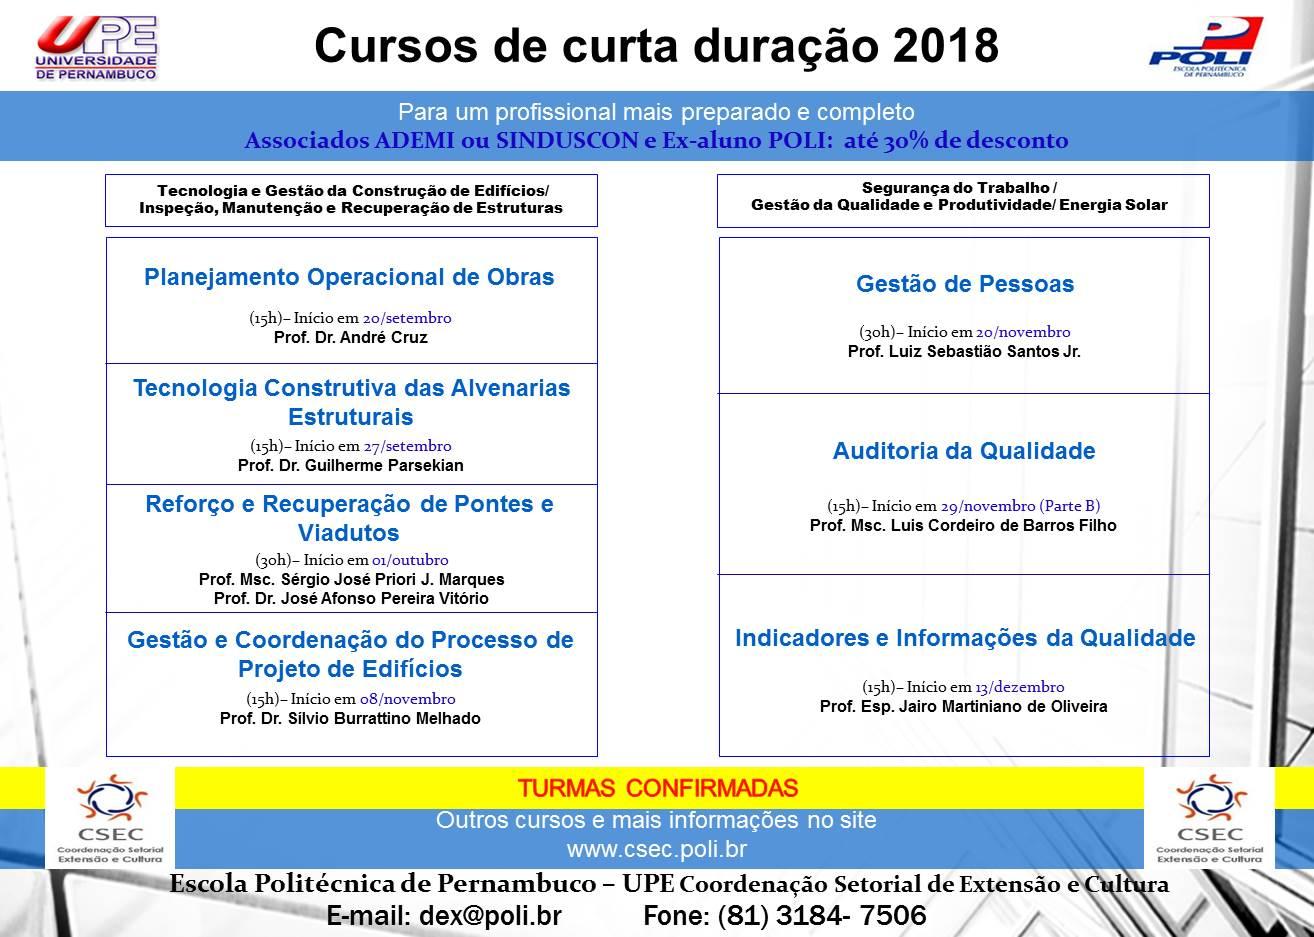 Cursos de Curta Duração 2018 – Vagas Abertas!